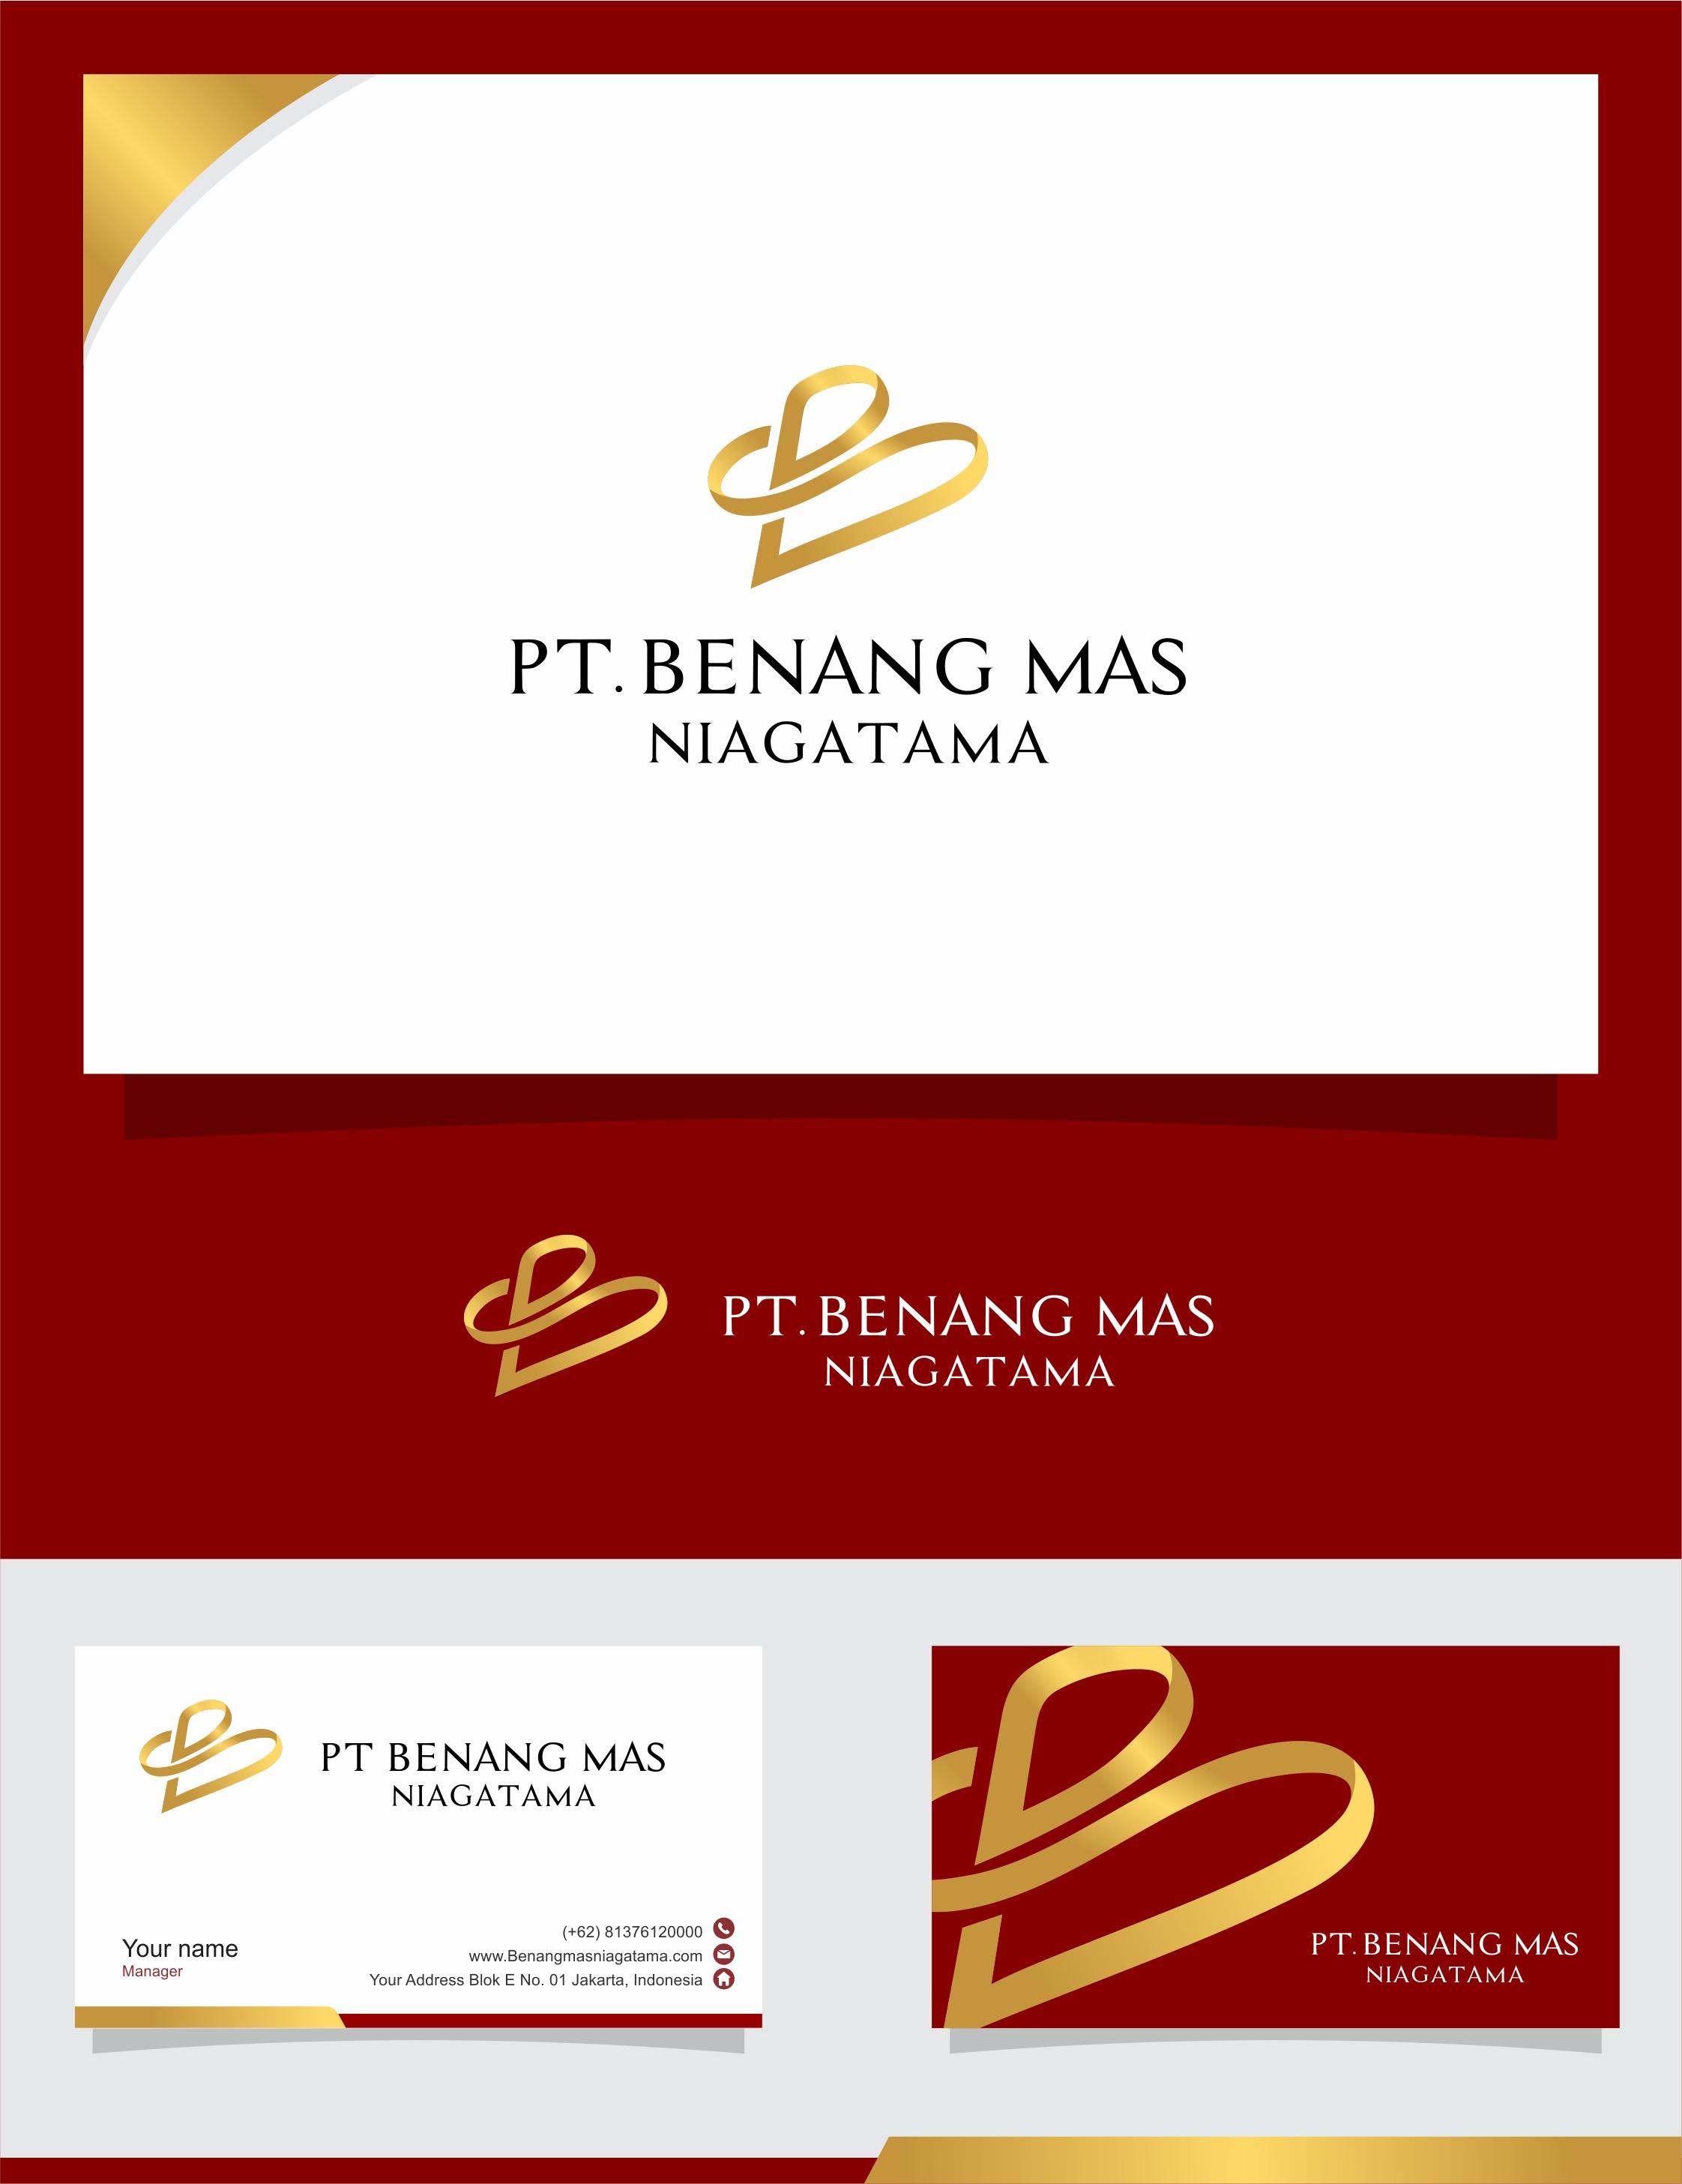 Desain Logo dan Stationary Untuk PT. Benang mas Niagatama